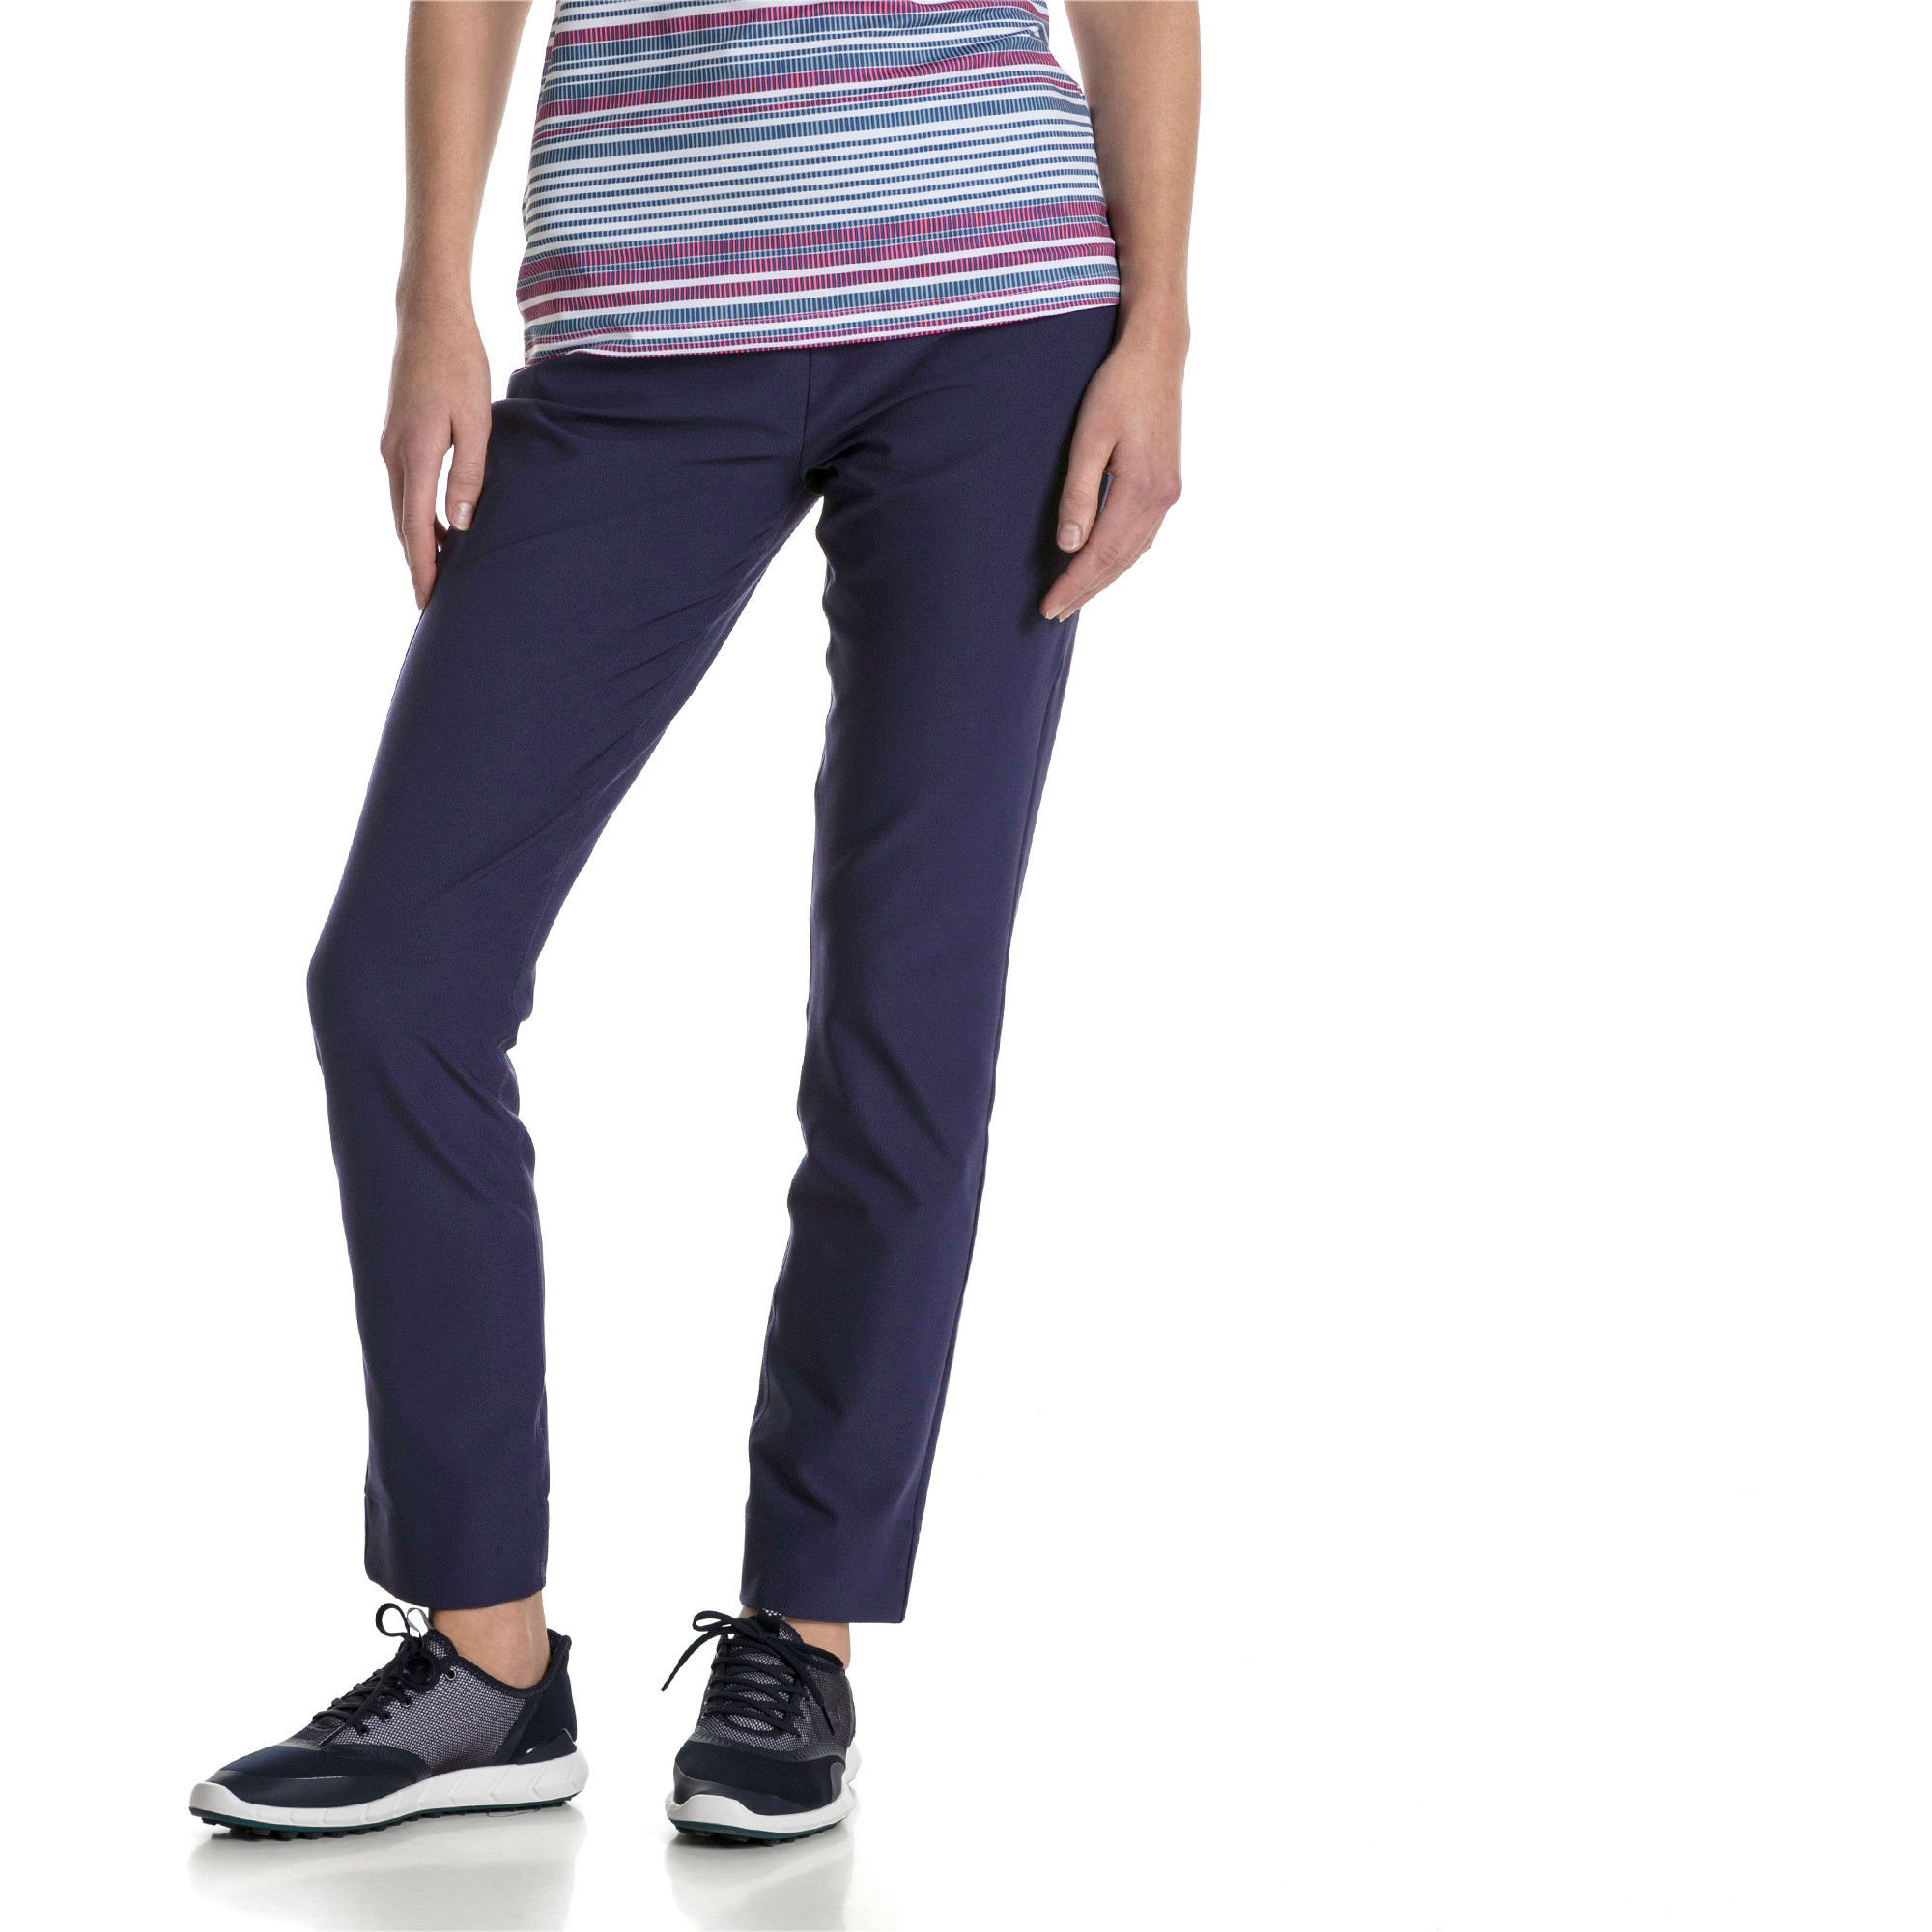 Thumbnail 1 of Golf - PWRSHAPE broek met elastische taille voor dames, Peacoat, medium